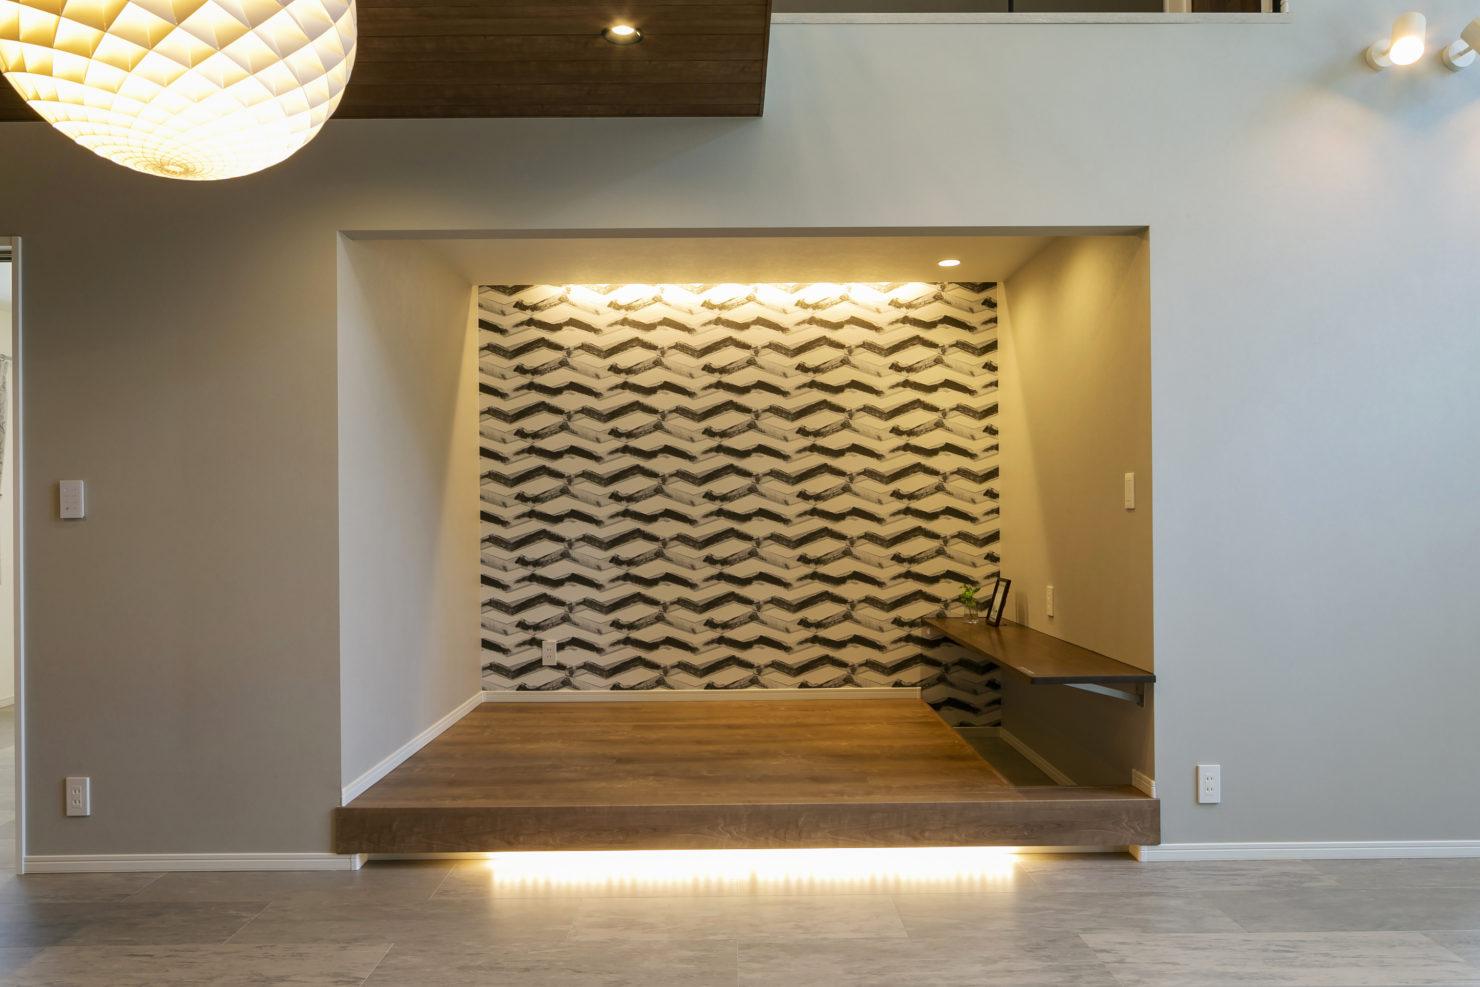 ハウスM21「3世代で快適に暮らすインナーガレージ併設住宅」和室写真